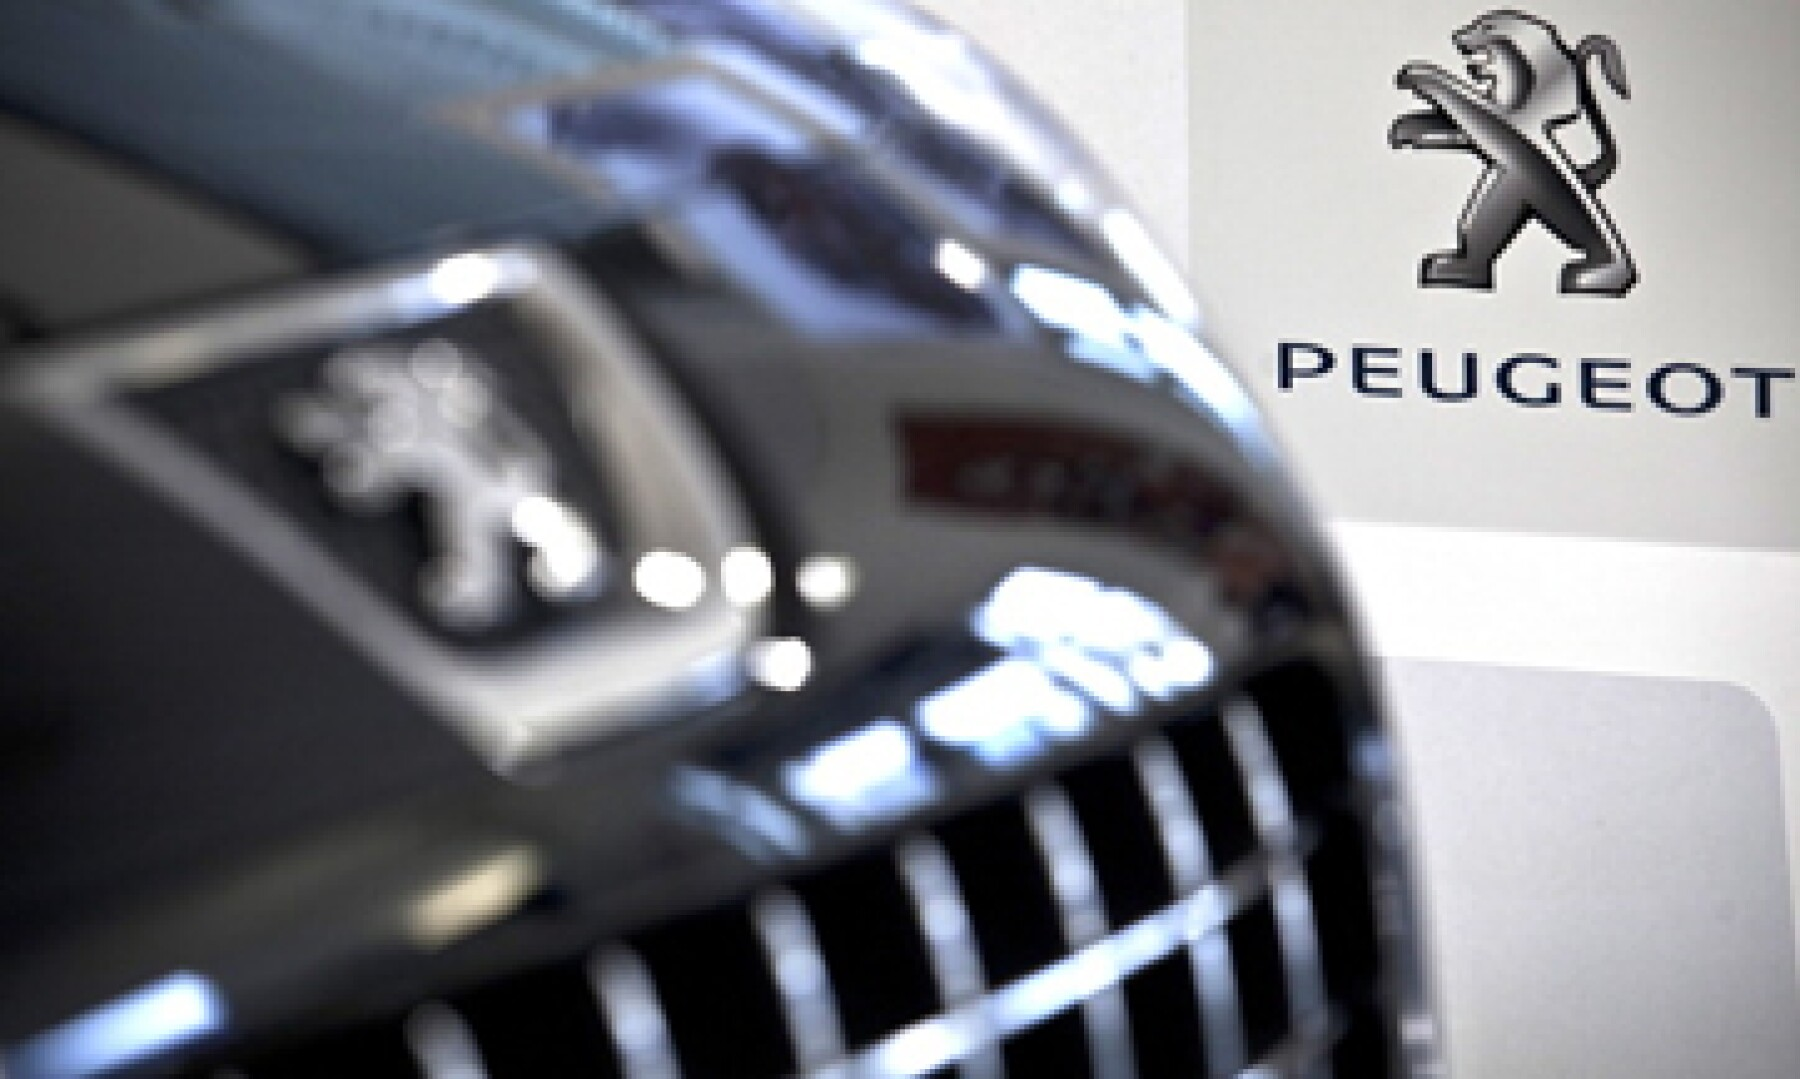 Peugeot se ha comprometido a no repartir dividendos durante el periodo de financiamiento. (Foto: Getty Images)